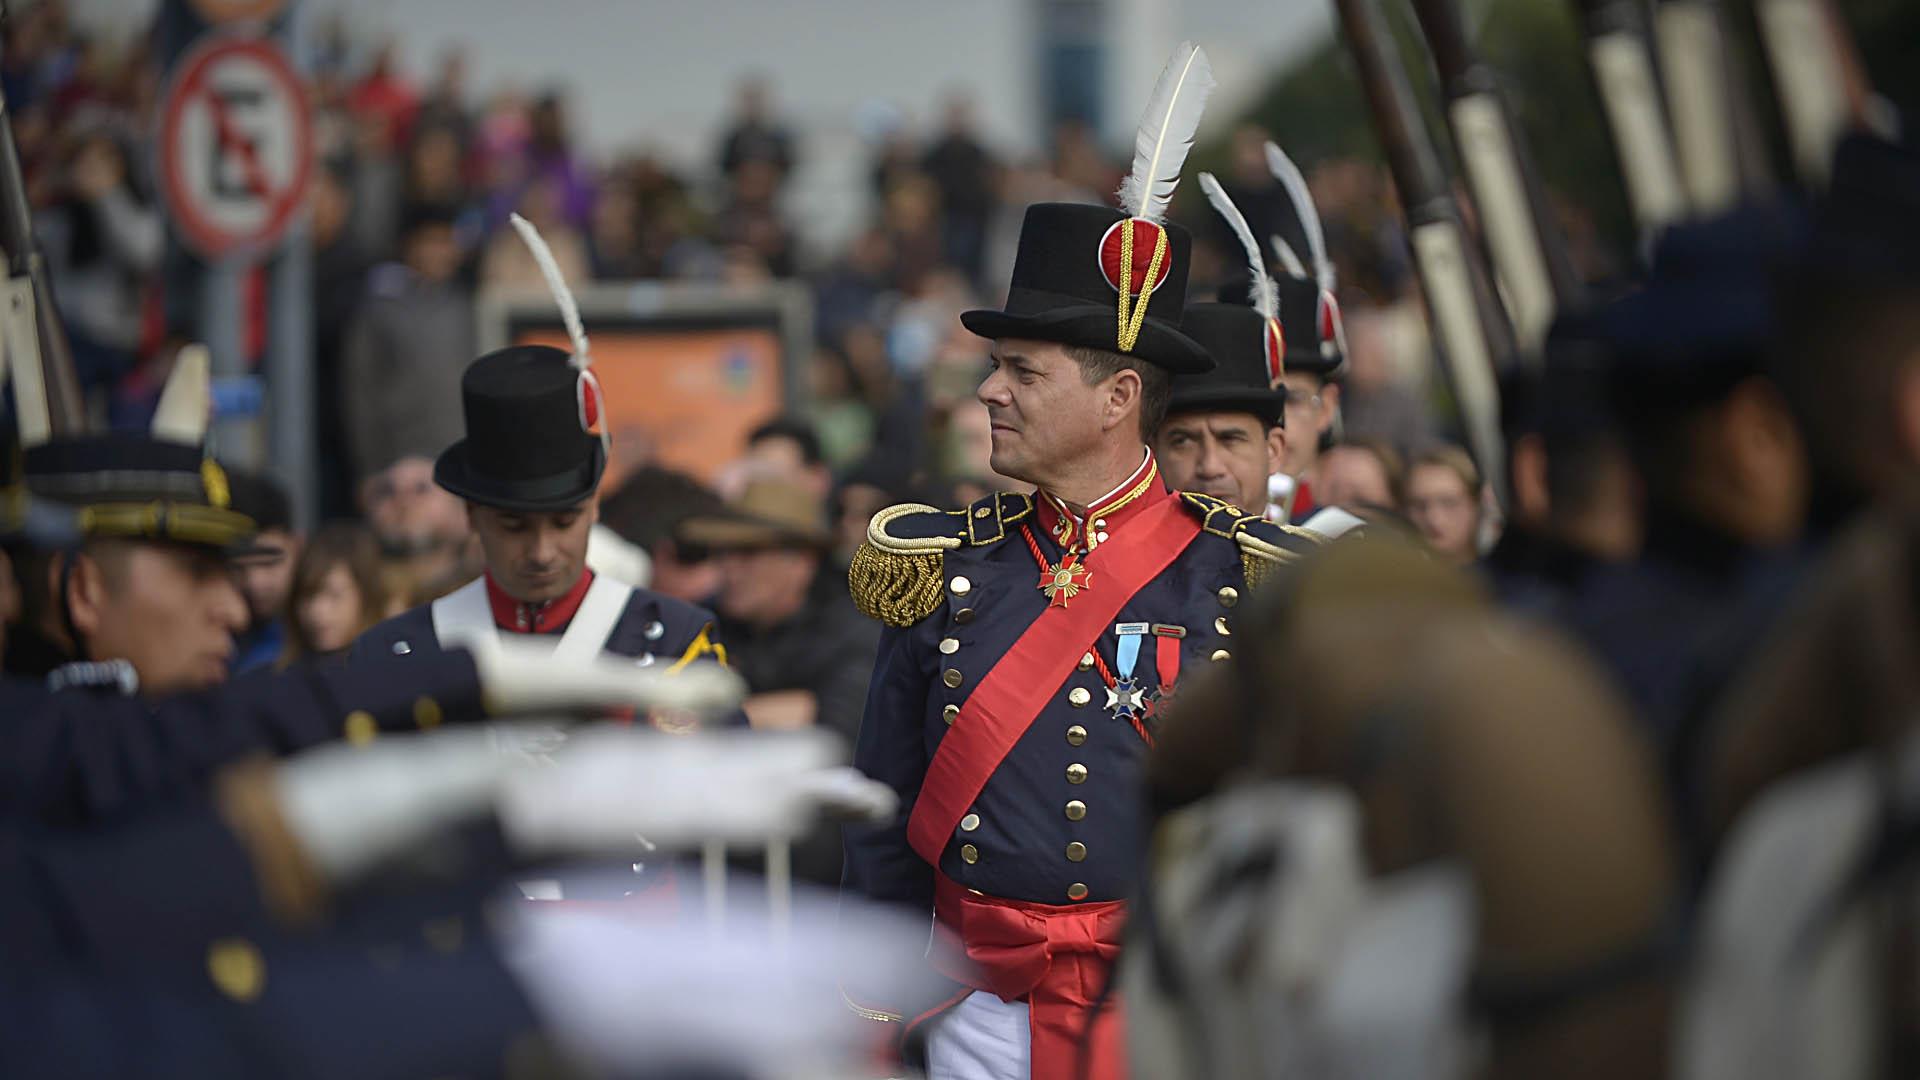 El desfile, que duró cerca de 5 horas, contó con un enorme despliegue de todas las Fuerzas Armadas